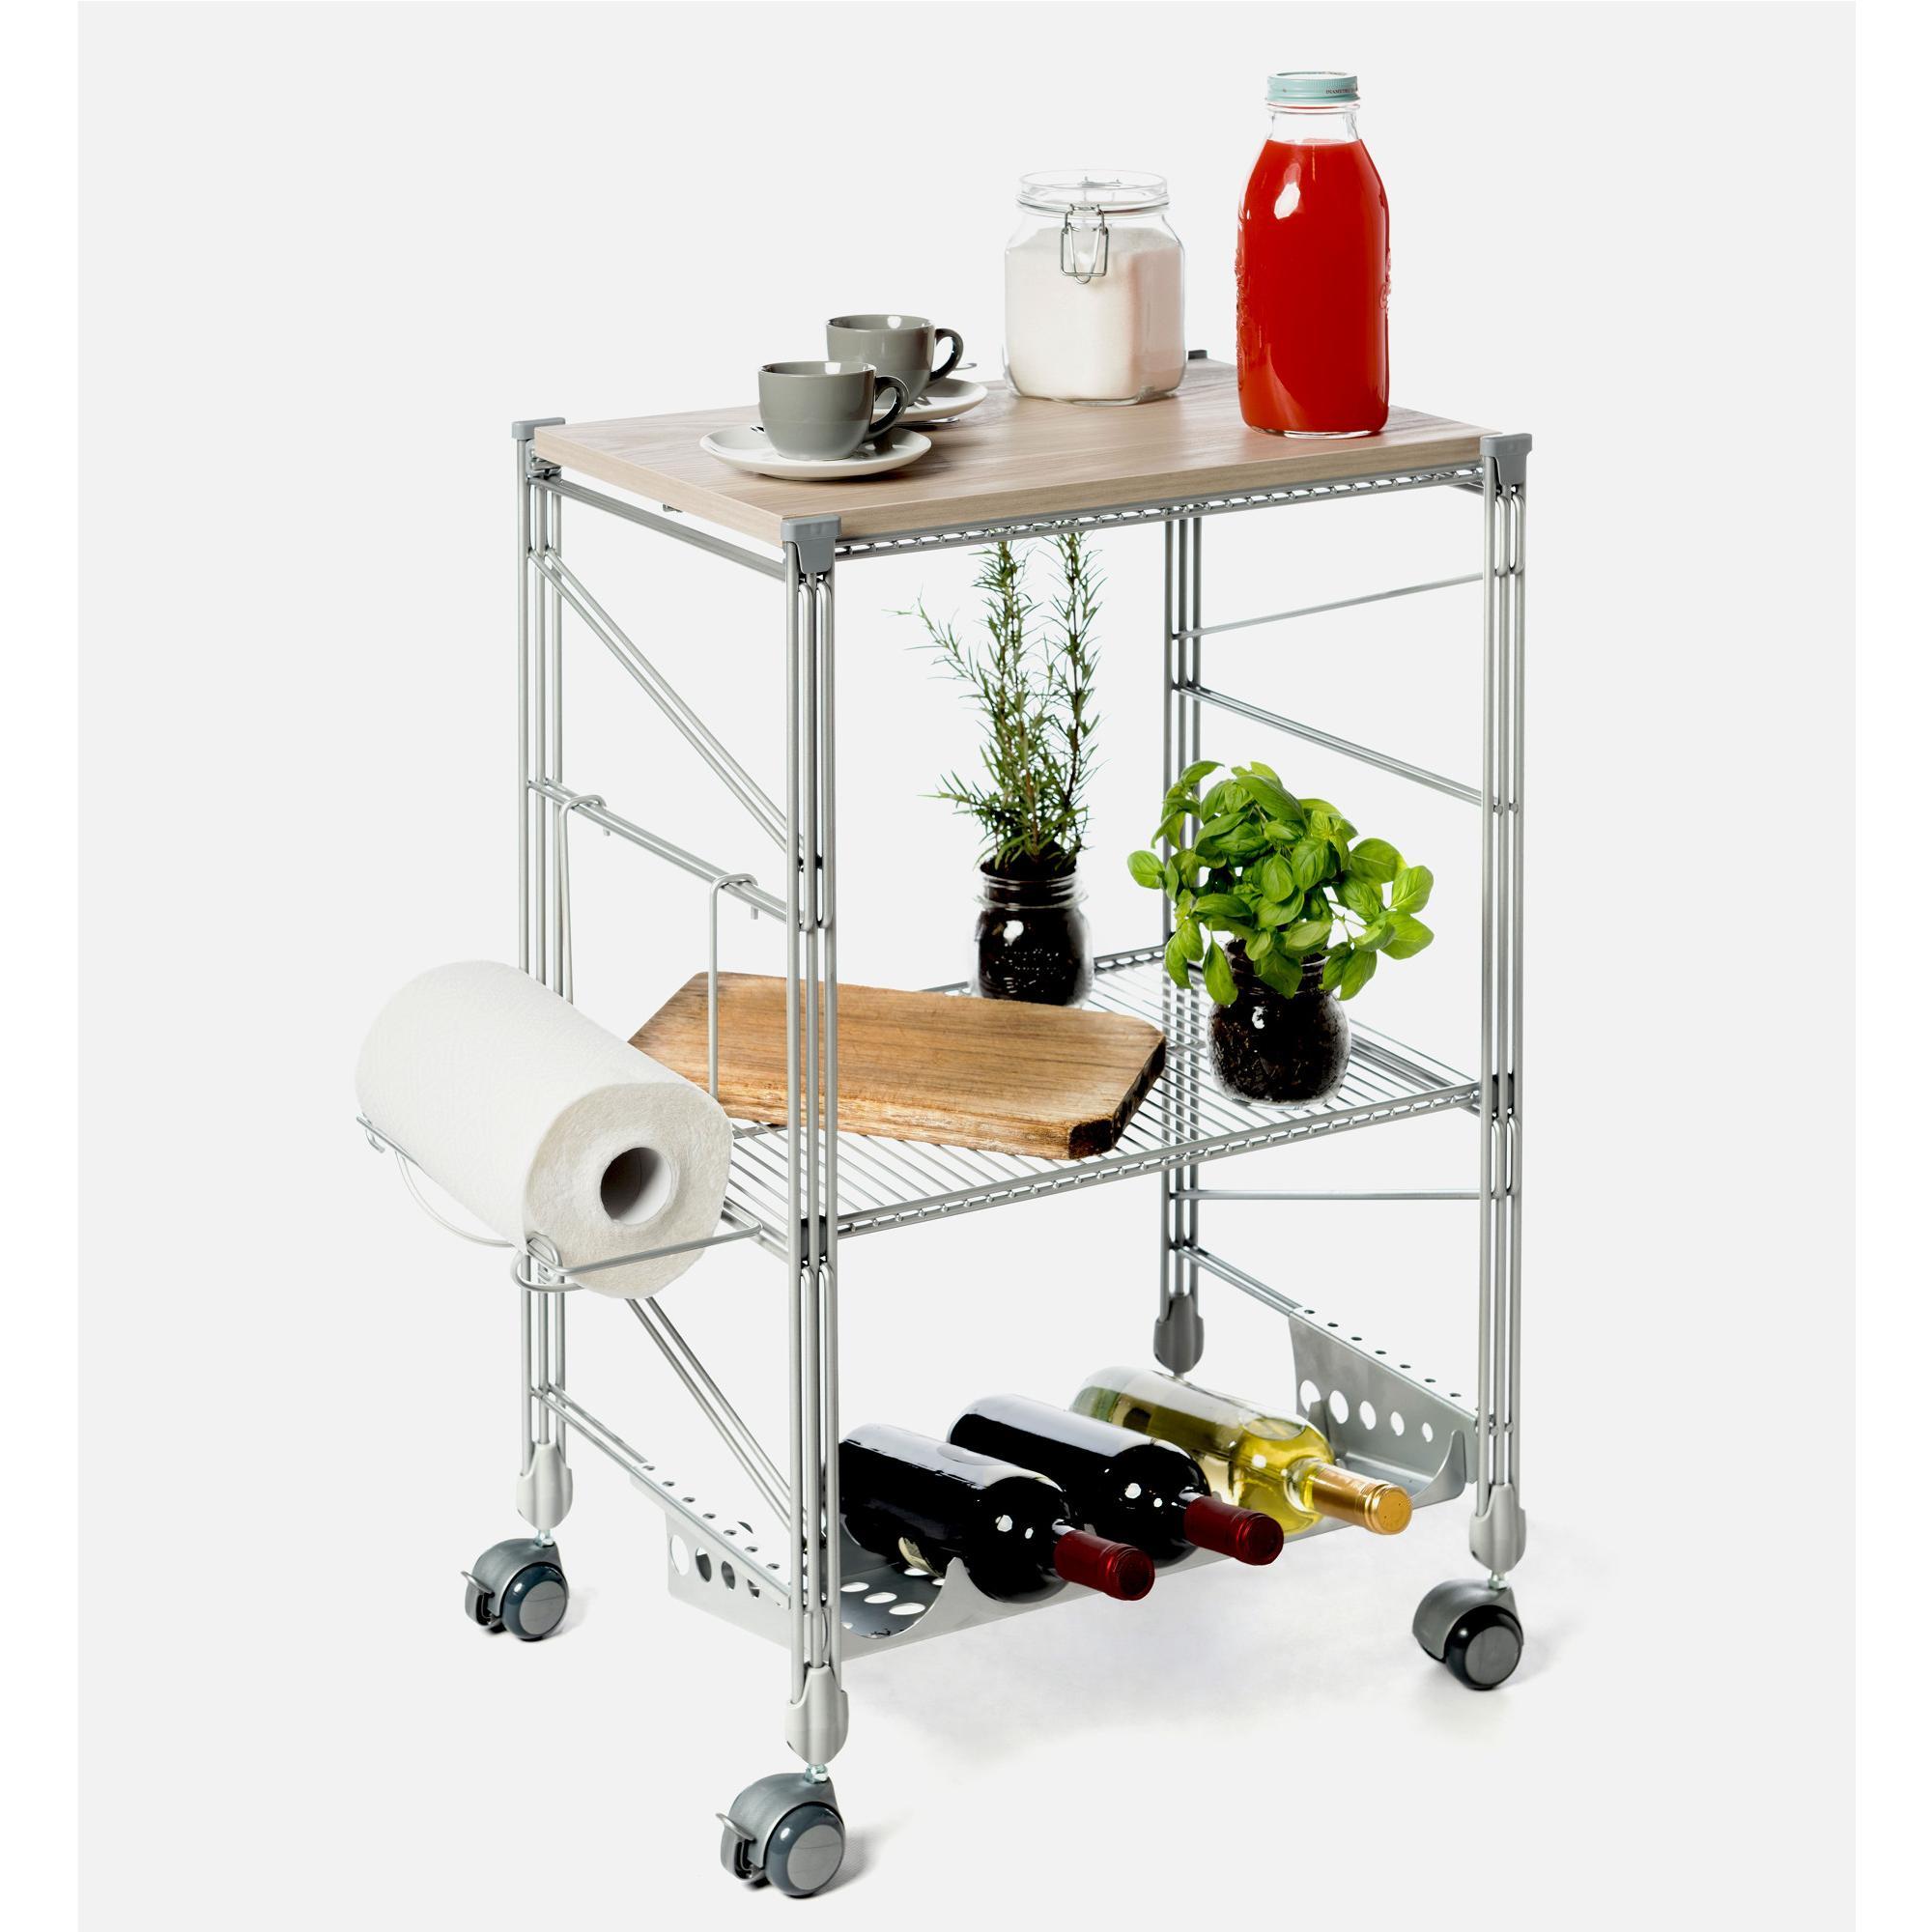 Carrello da cucina con tagliere in legno yosemite for Ikea carrello cucina